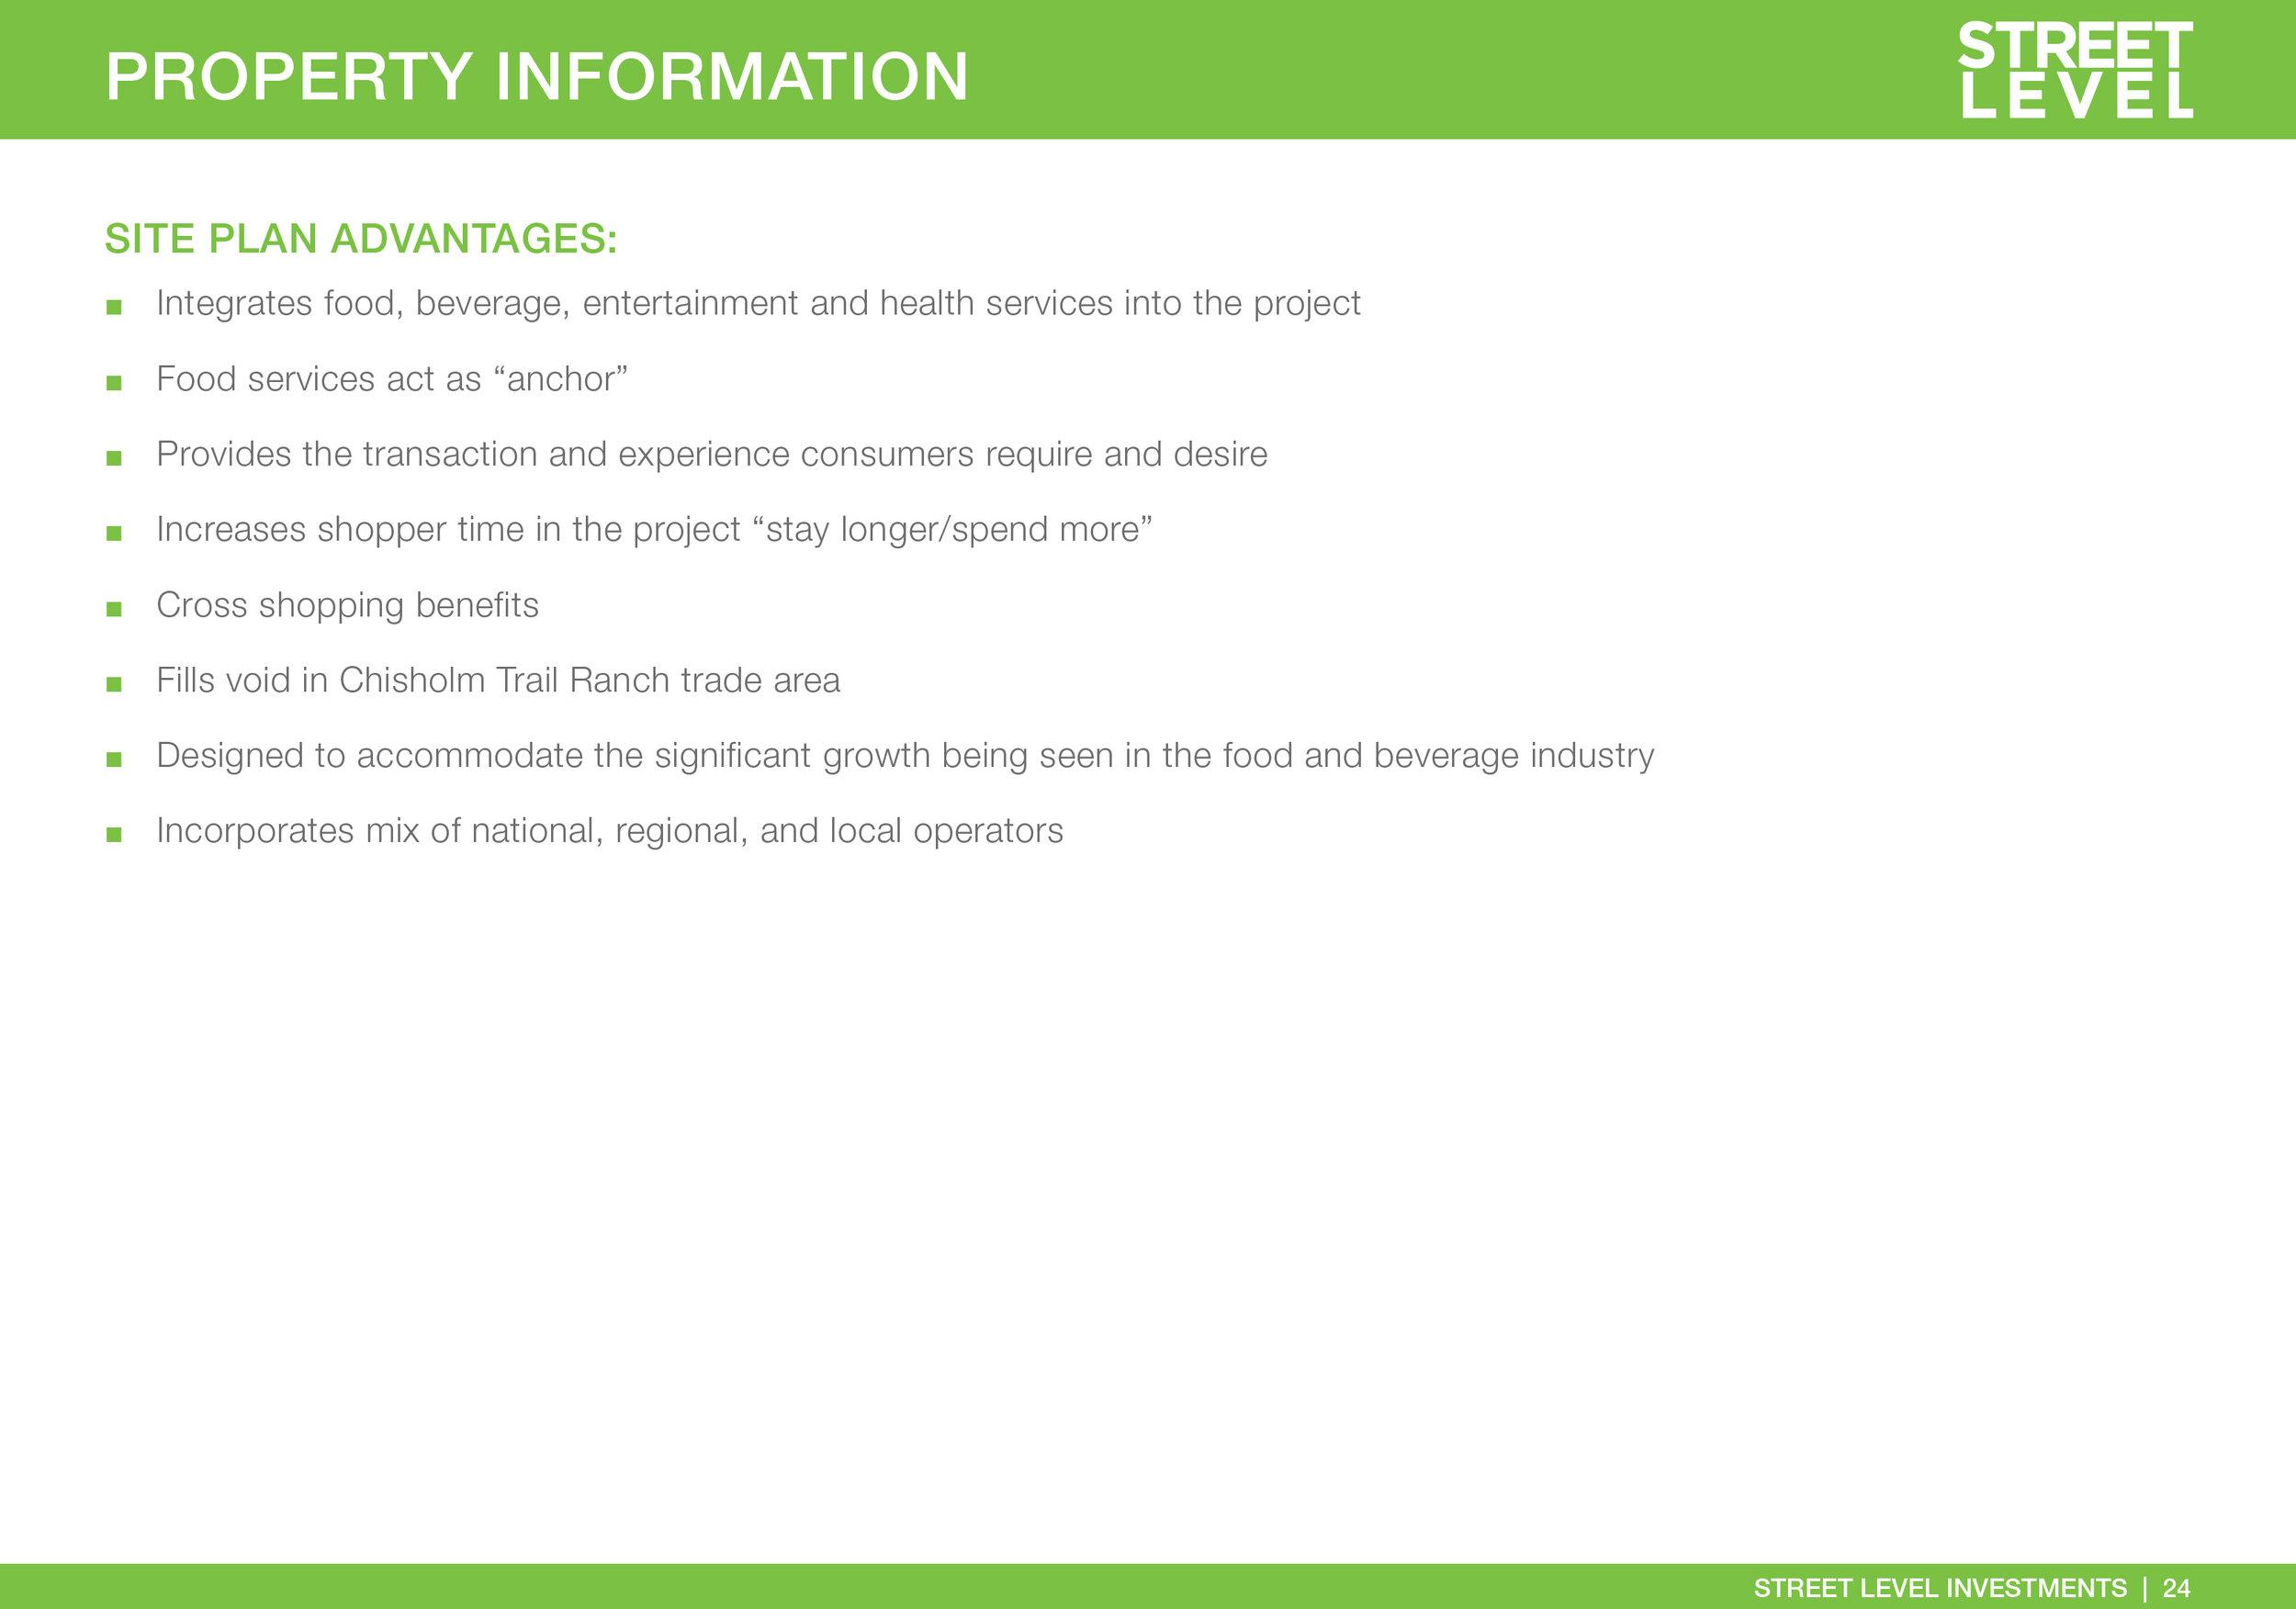 FortWorthTX_CTR_DebtPackage_1.31.17-24.jpg